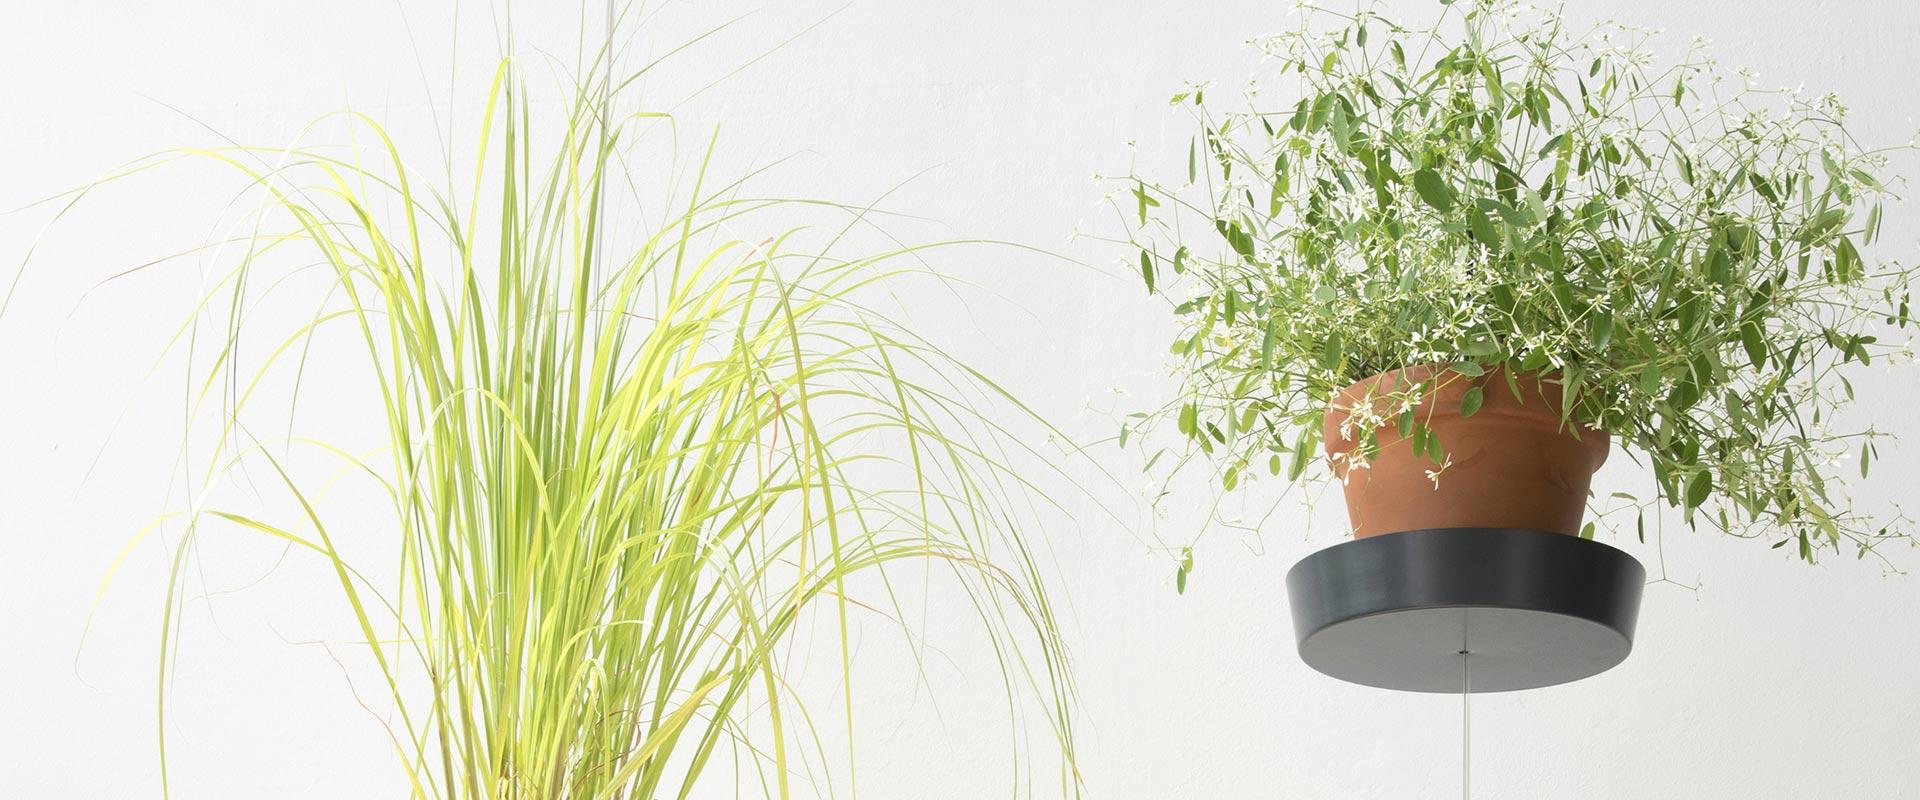 Hängetopf für Hängepflanzen TEEpots